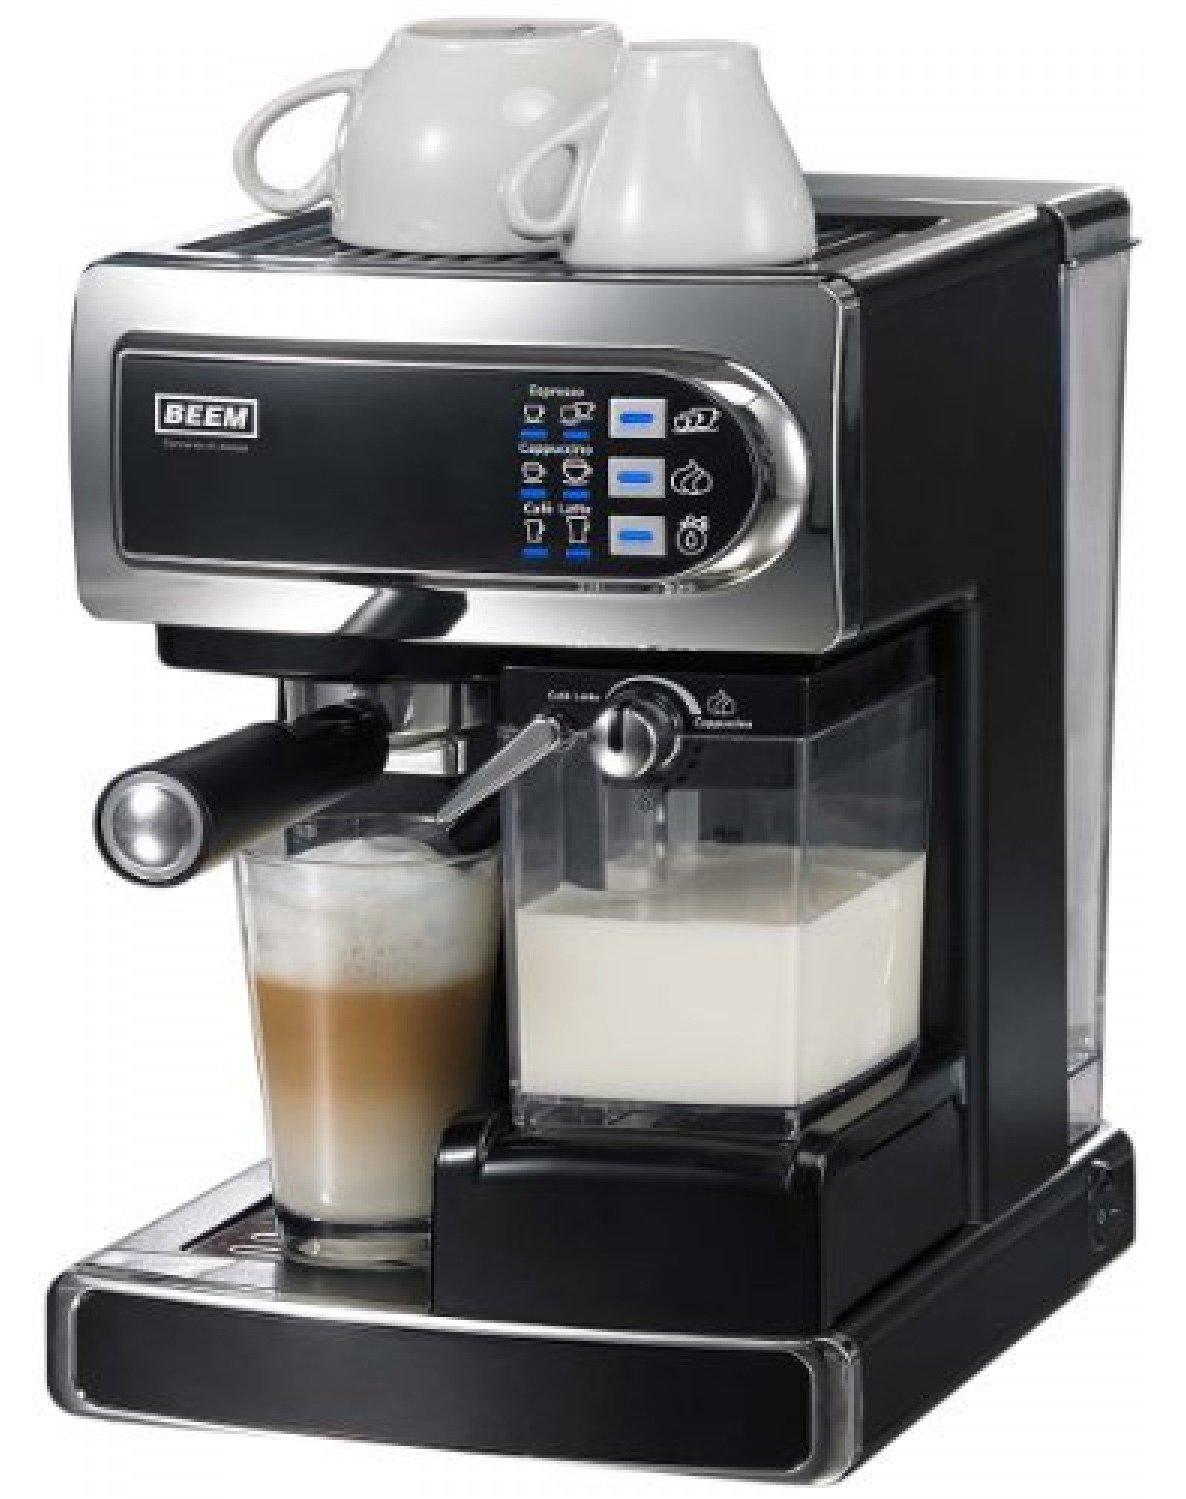 Comment choisir sa machine caf - Quelle machine a cafe choisir ...